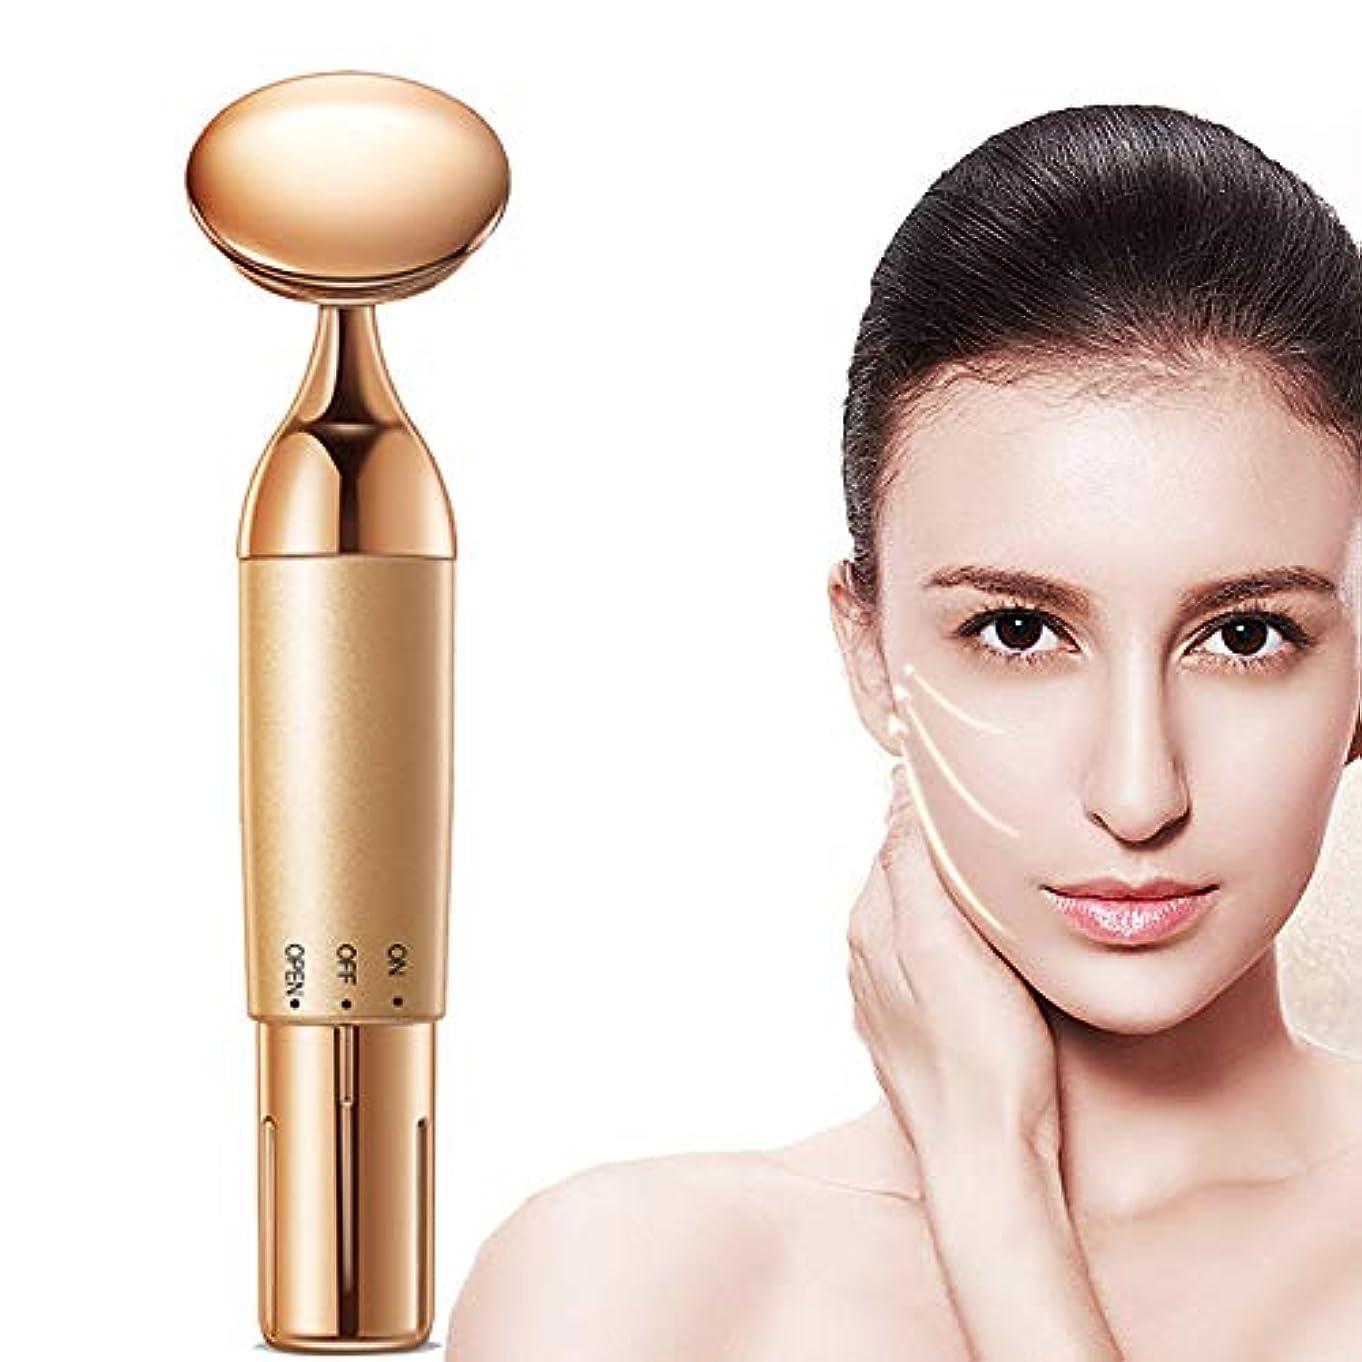 鮫皮窓を洗うRF lifting device Facial beauty massager facial lifting firming wrinkle removal eye bags roller